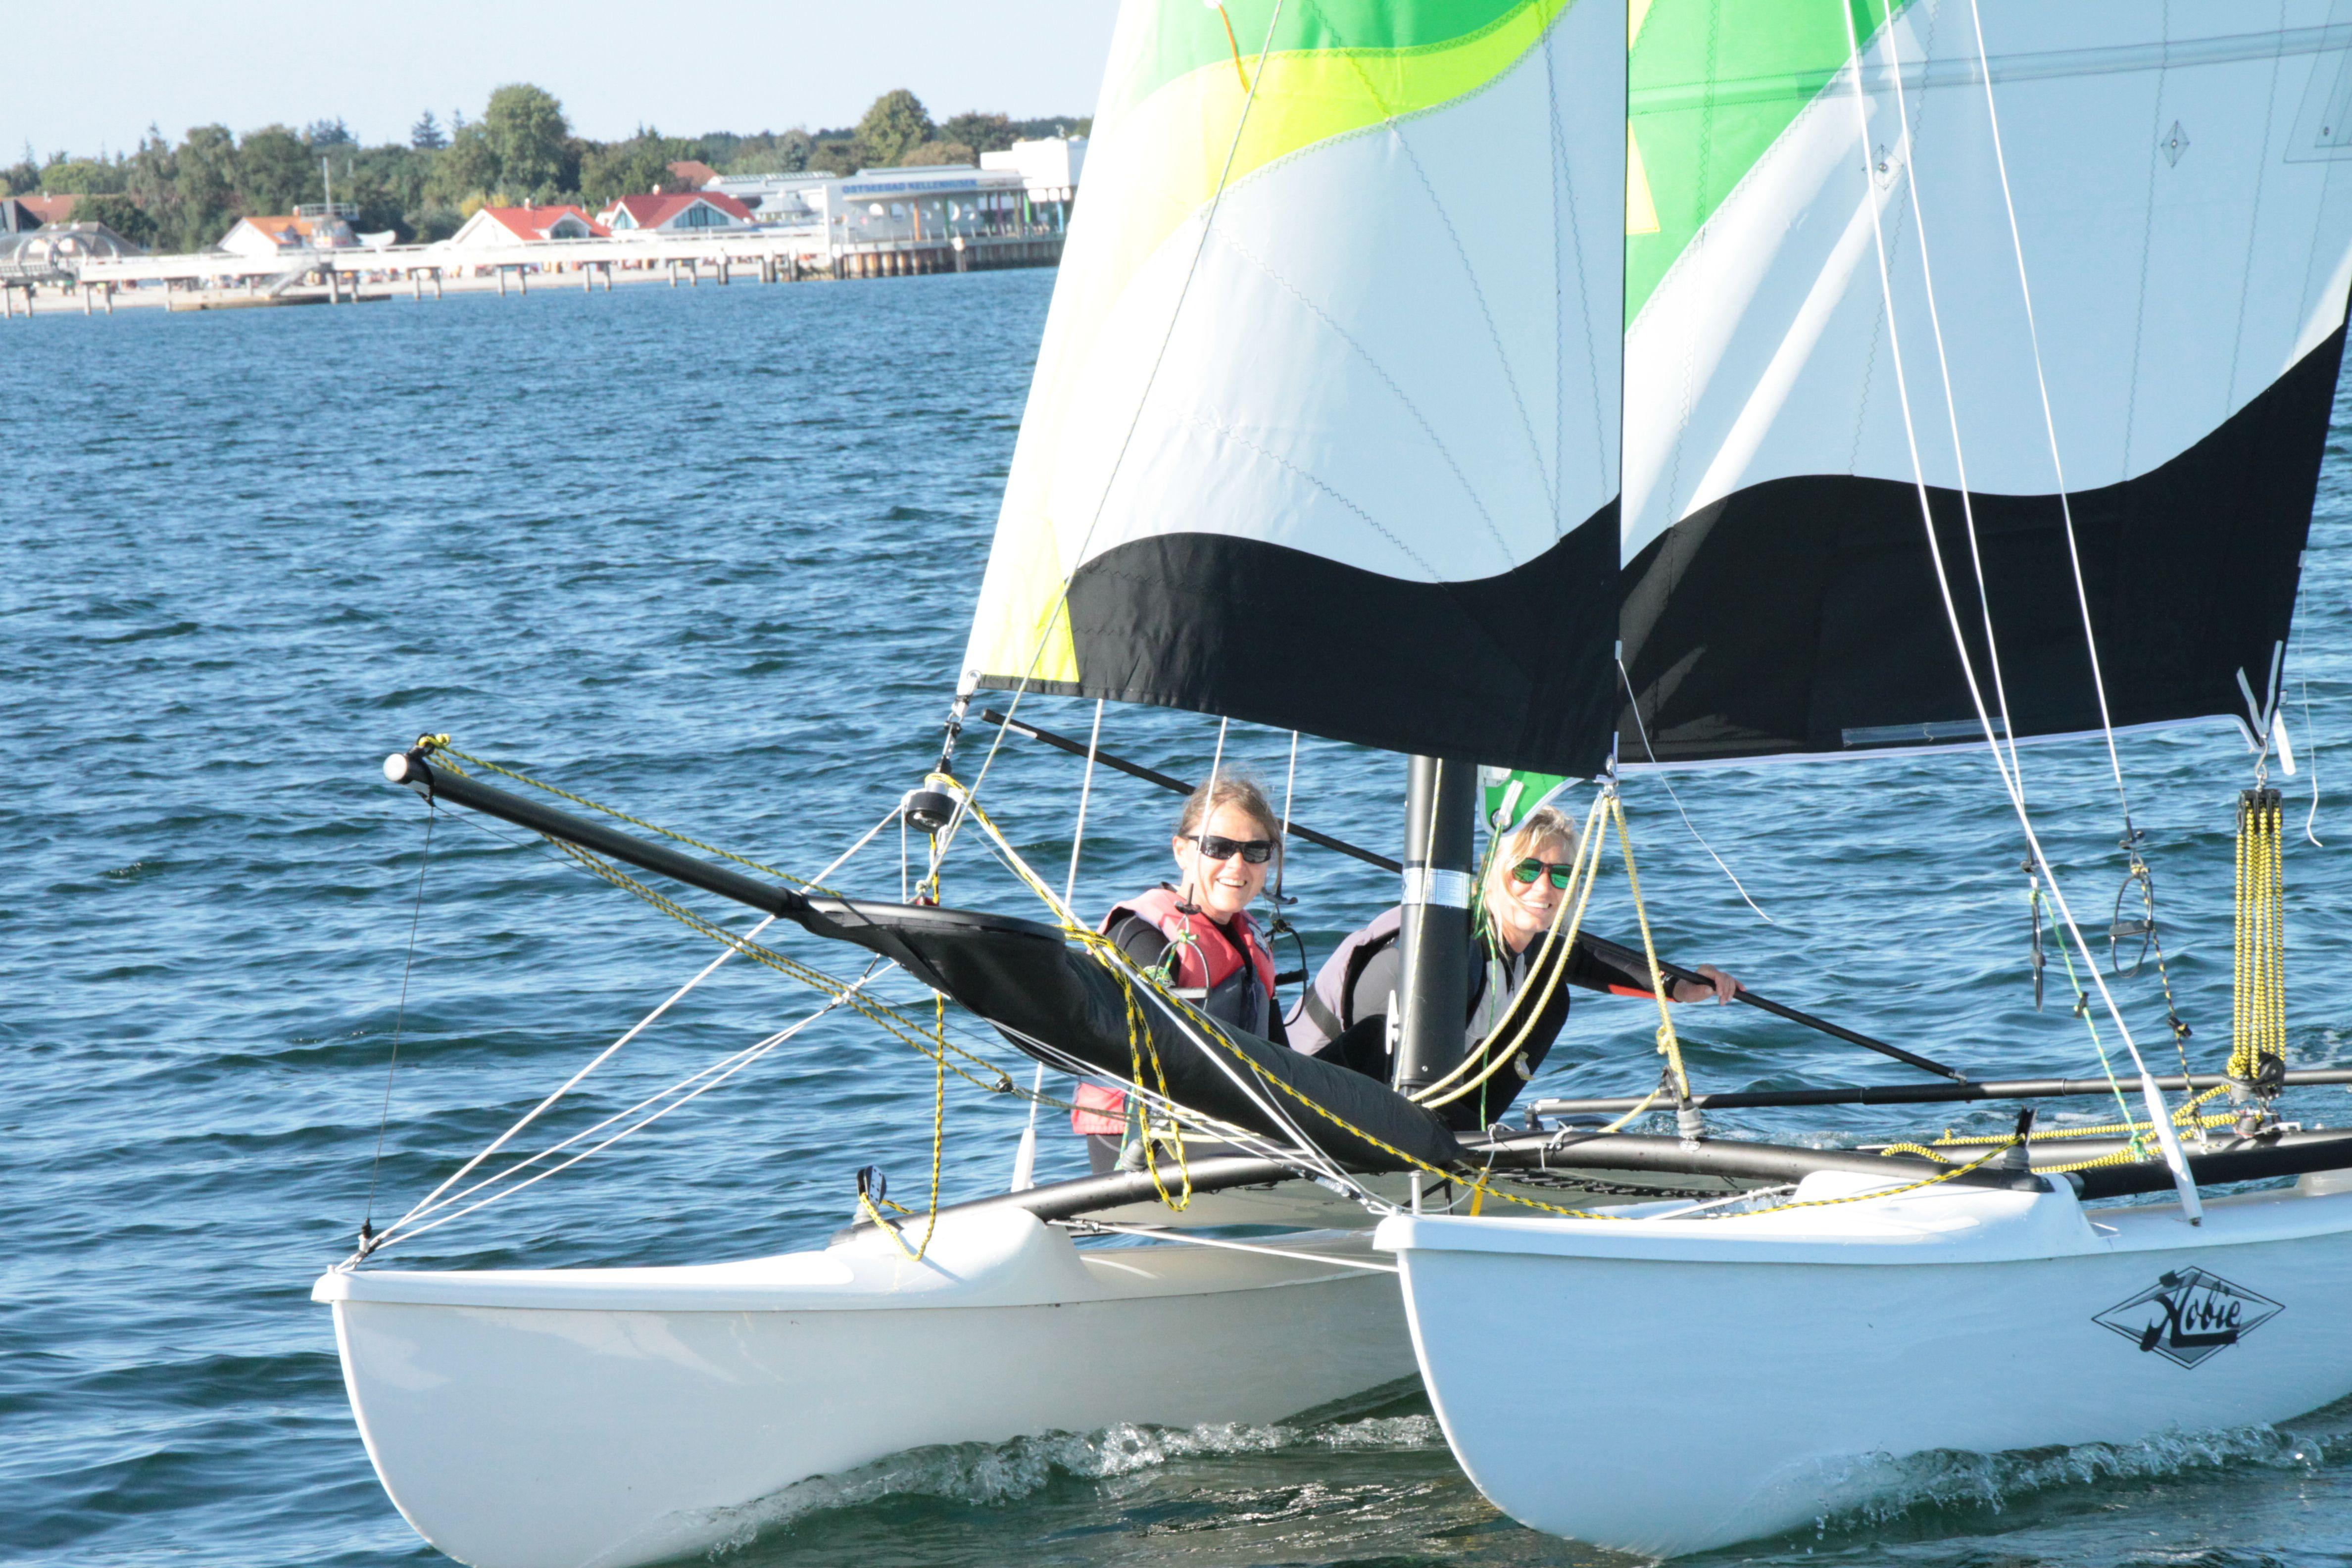 Segelboote Yachten & Kielboote Trapezgurt Wassersport Katamaran usw.